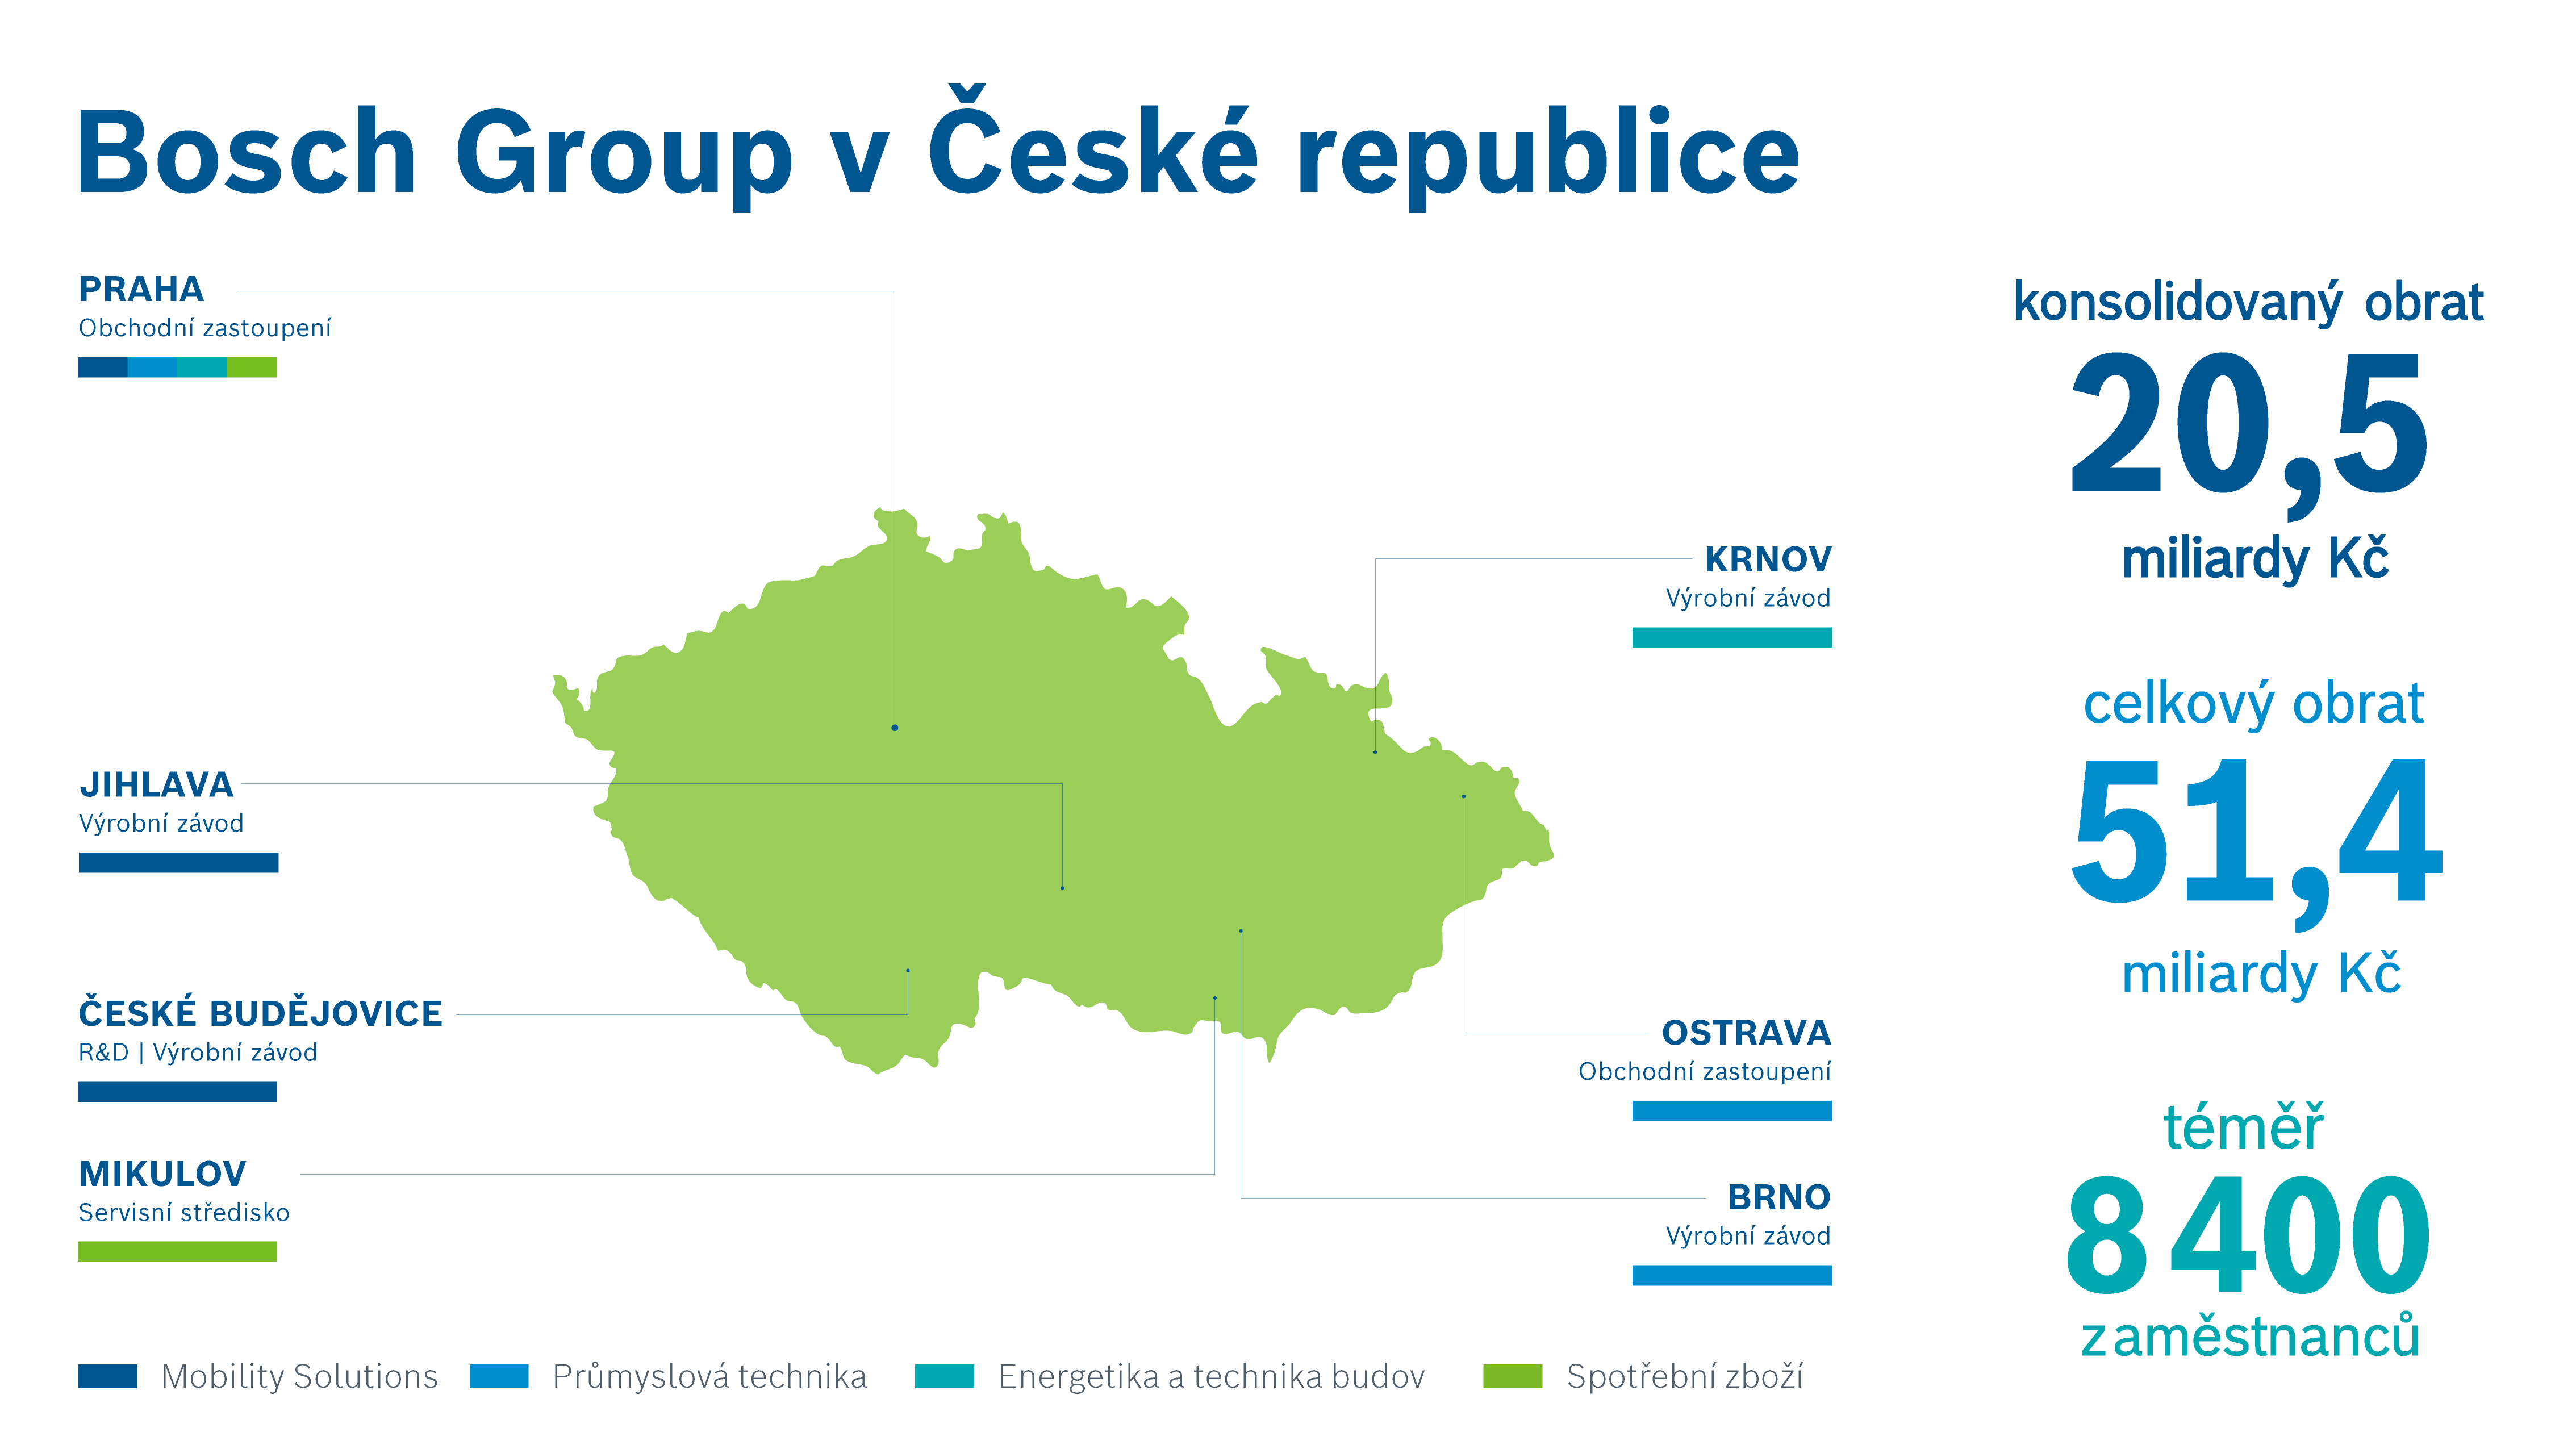 Výsledky Bosch Group v České republice za rok 2019